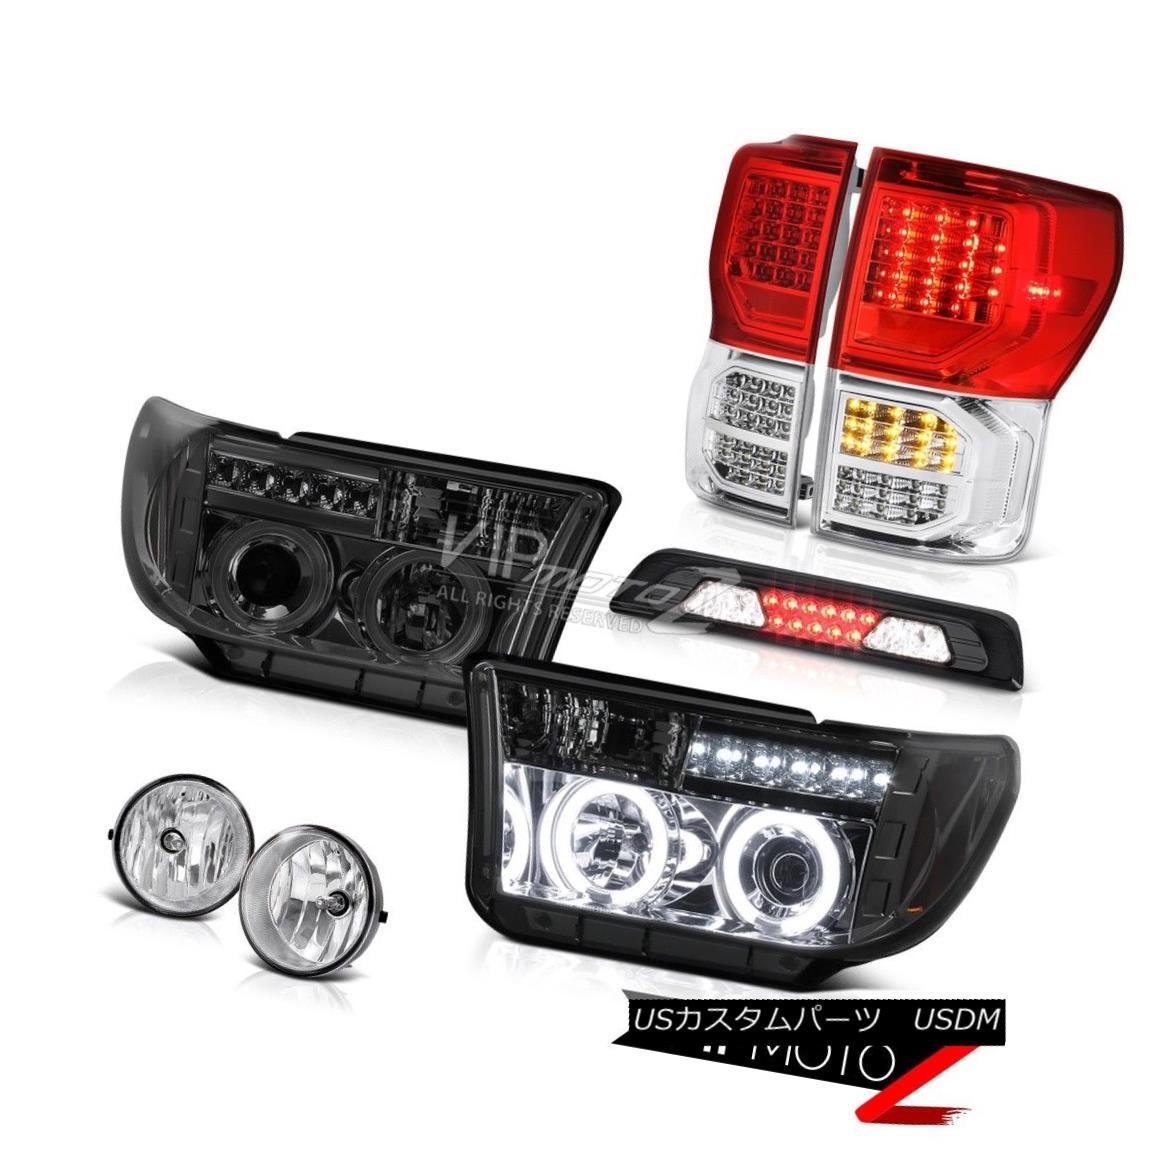 テールライト 07-13 Toyota Tundra SR5 Taillights 3RD Brake Light Headlights Fog Lamps CCFL Rim 07-13トヨタツンドラSR5テールライト3RDブレーキライトヘッドライトフォグランプCCFLリム